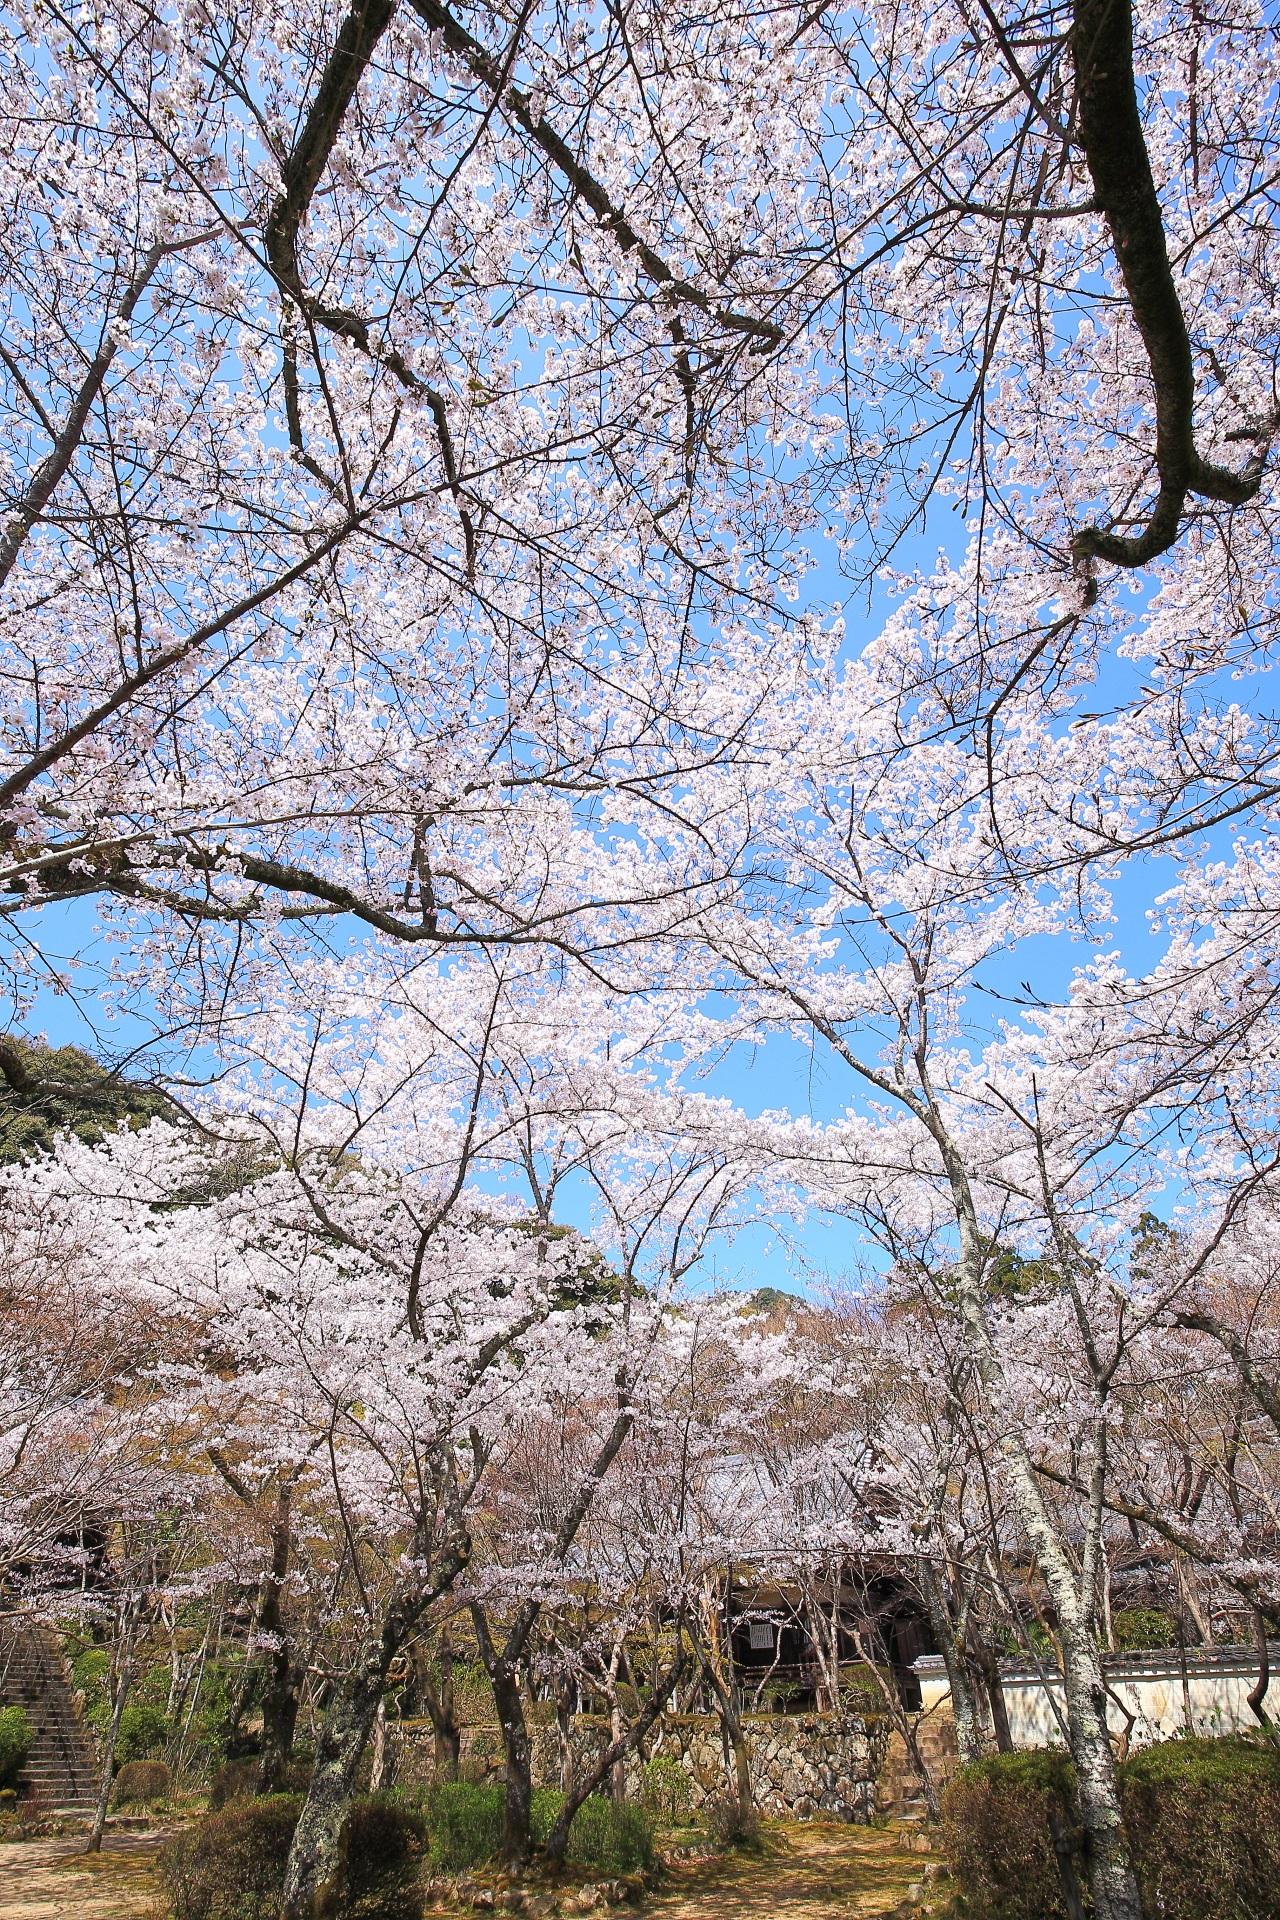 勝持寺の阿弥陀堂や不動堂を彩る桜